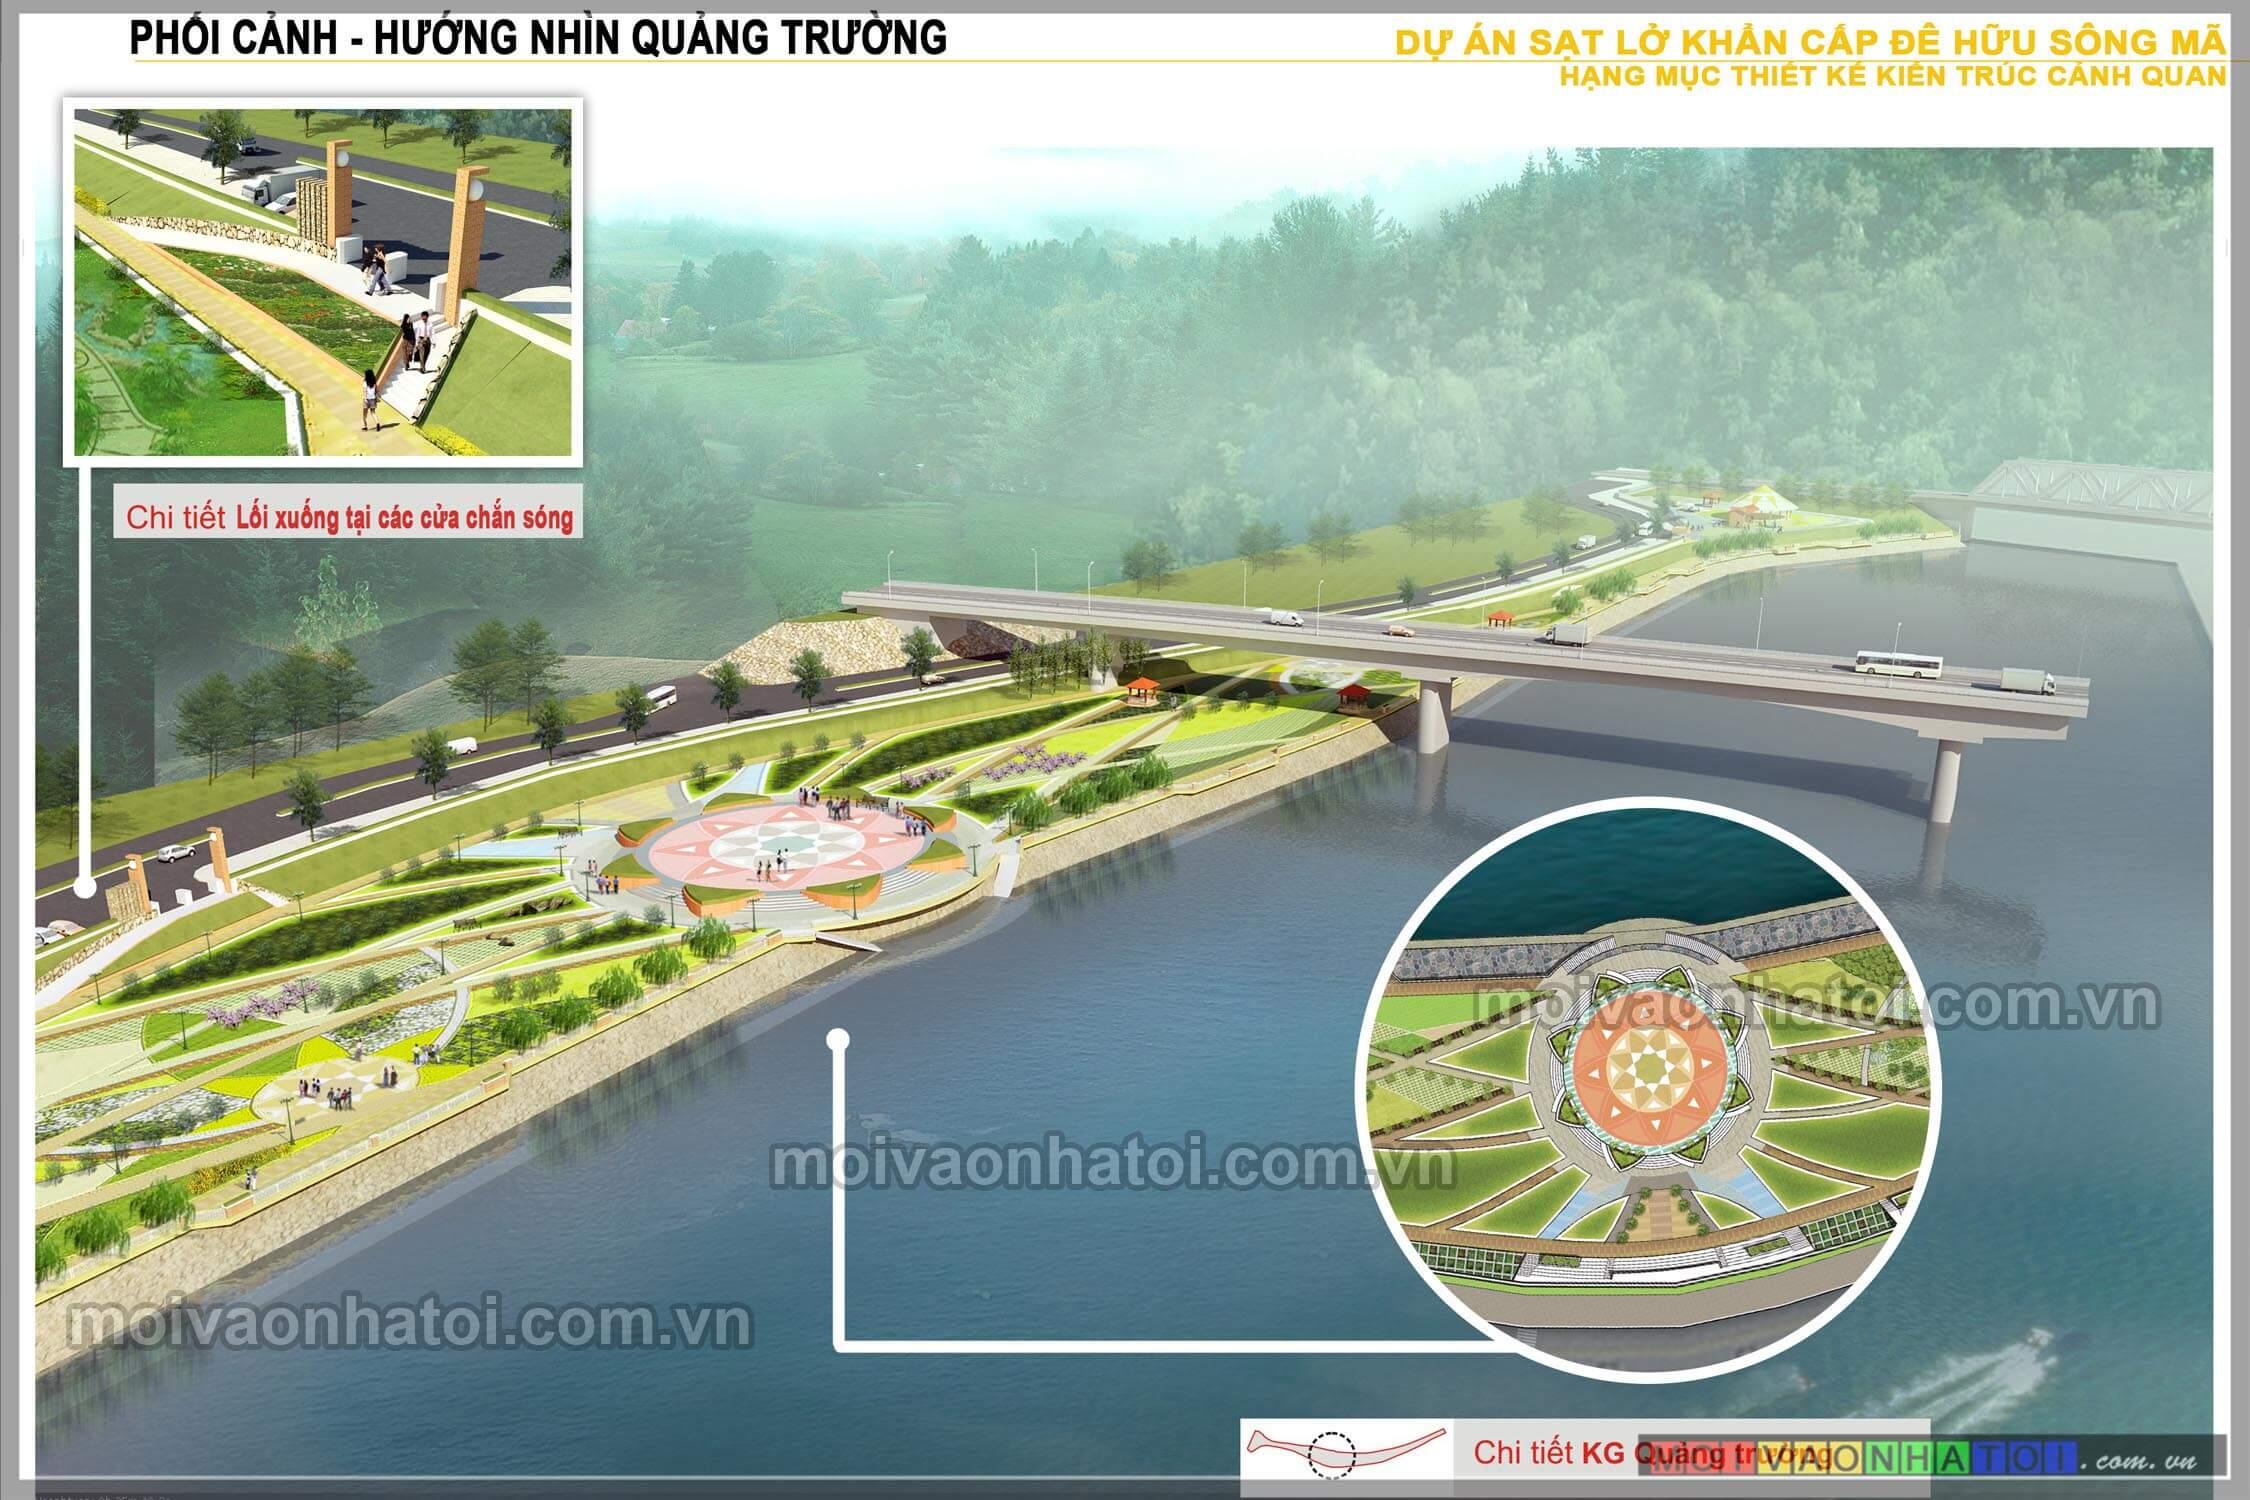 Phối cảnh Quảng Trường - bản thiết kế 3D